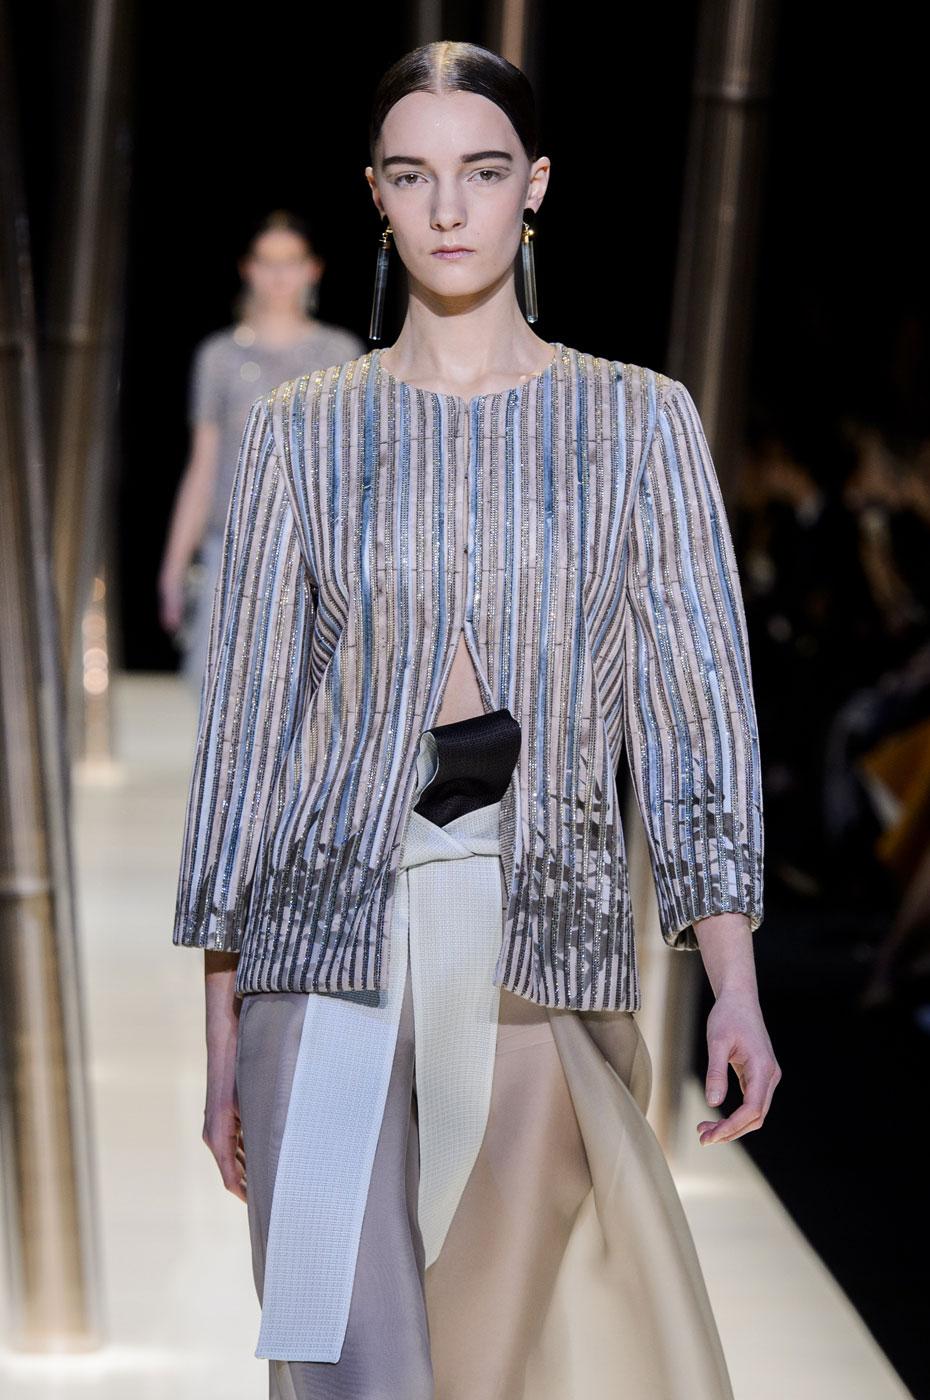 Giorgio-armani-Prive-fashion-runway-show-haute-couture-paris-spring-2015-the-impression-068